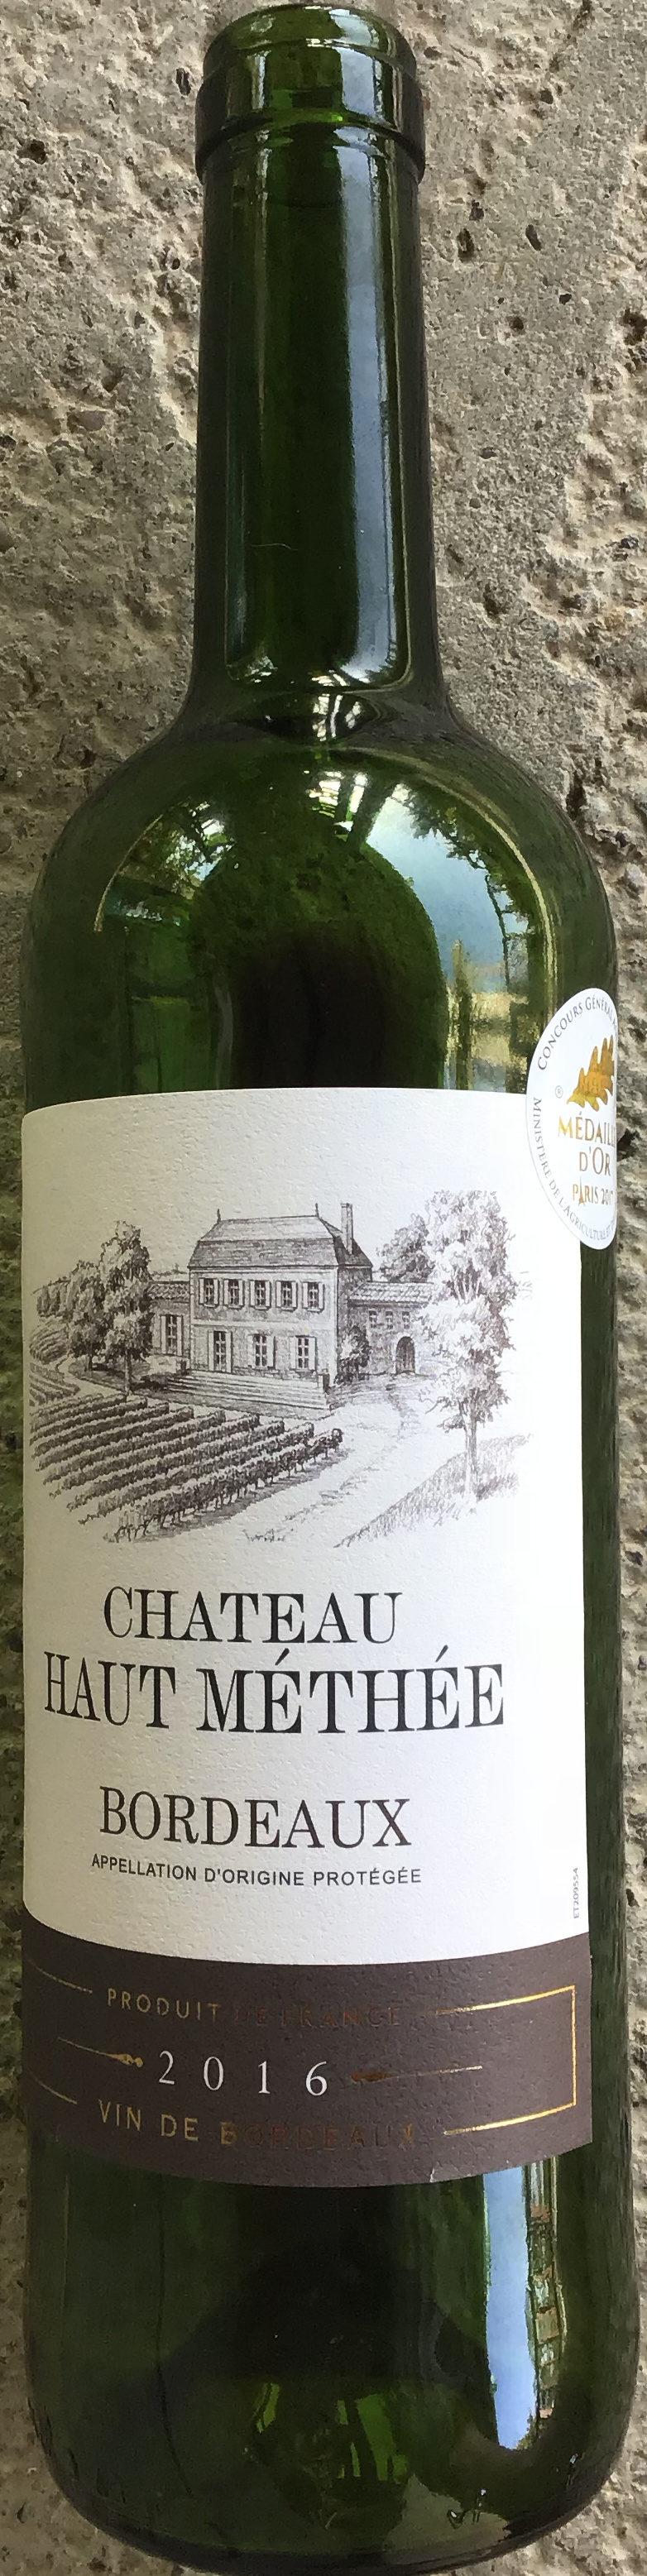 Bordeaux 2016 - Produit